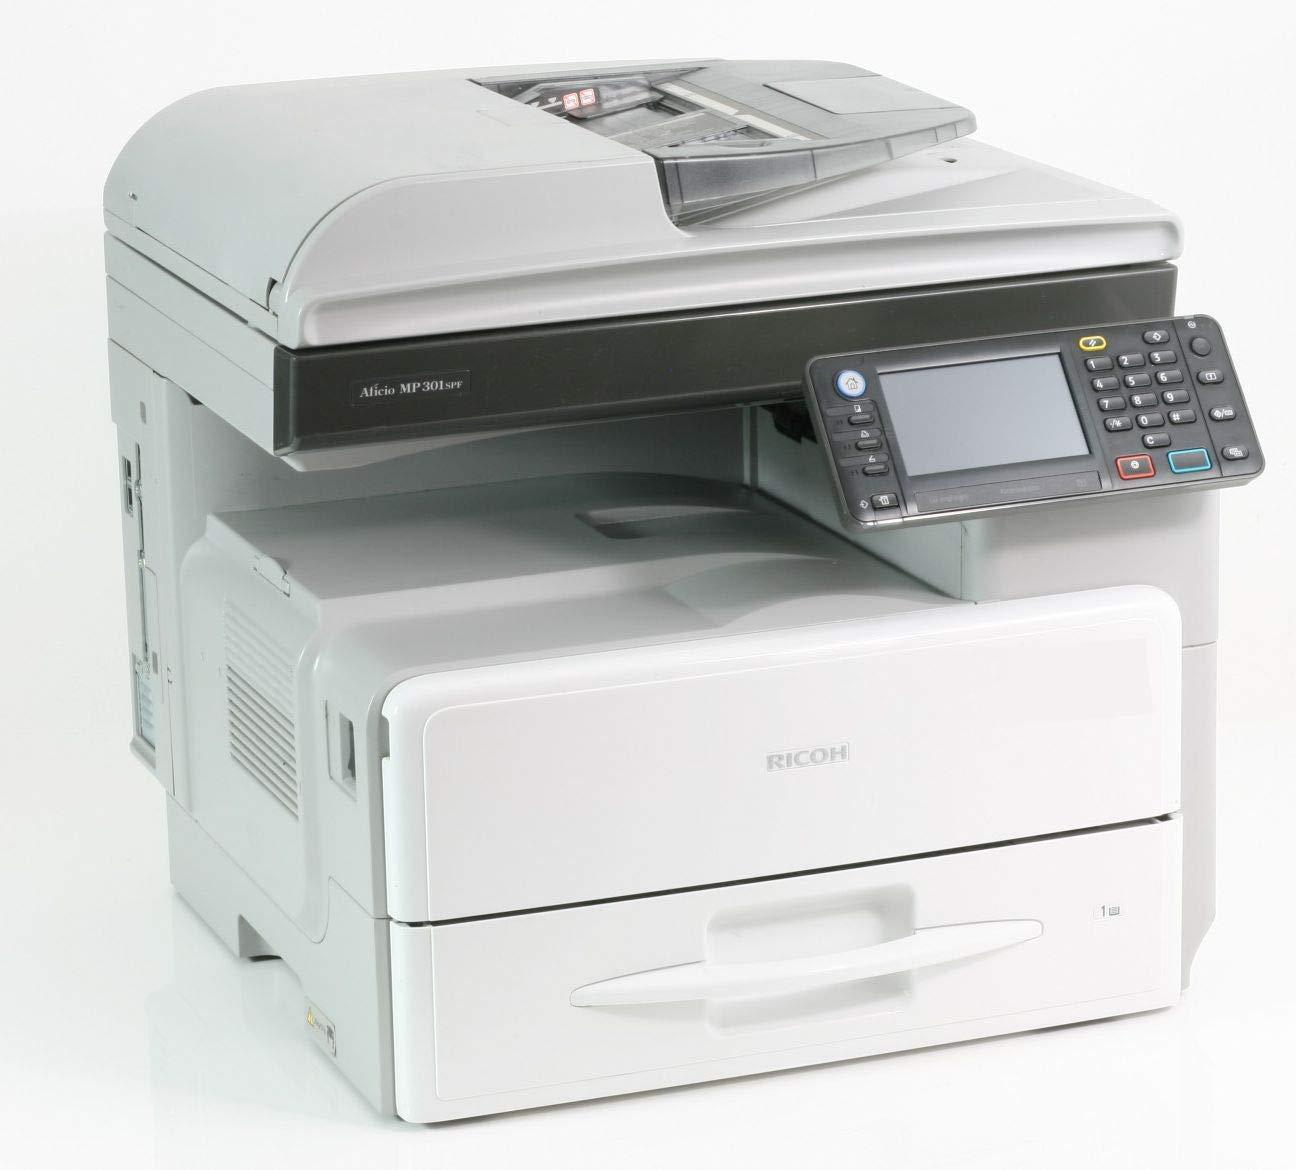 Ricoh Aficio MP 301 - Impresora láser (30 ppm), Gris y Blanco ...